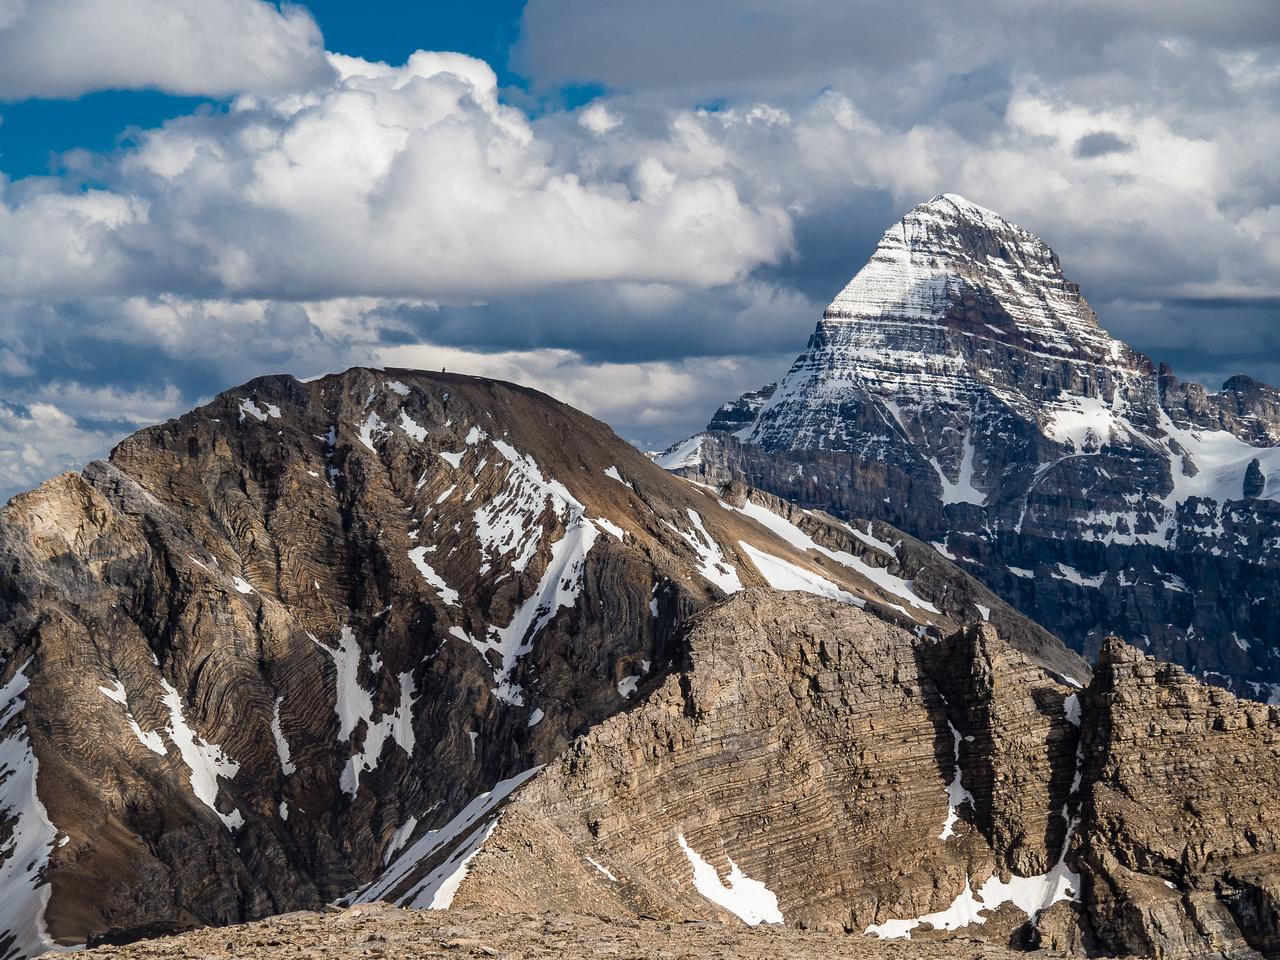 Mount Assiniboine looms over Nestor Peak (L) and Simpson Peak (C).